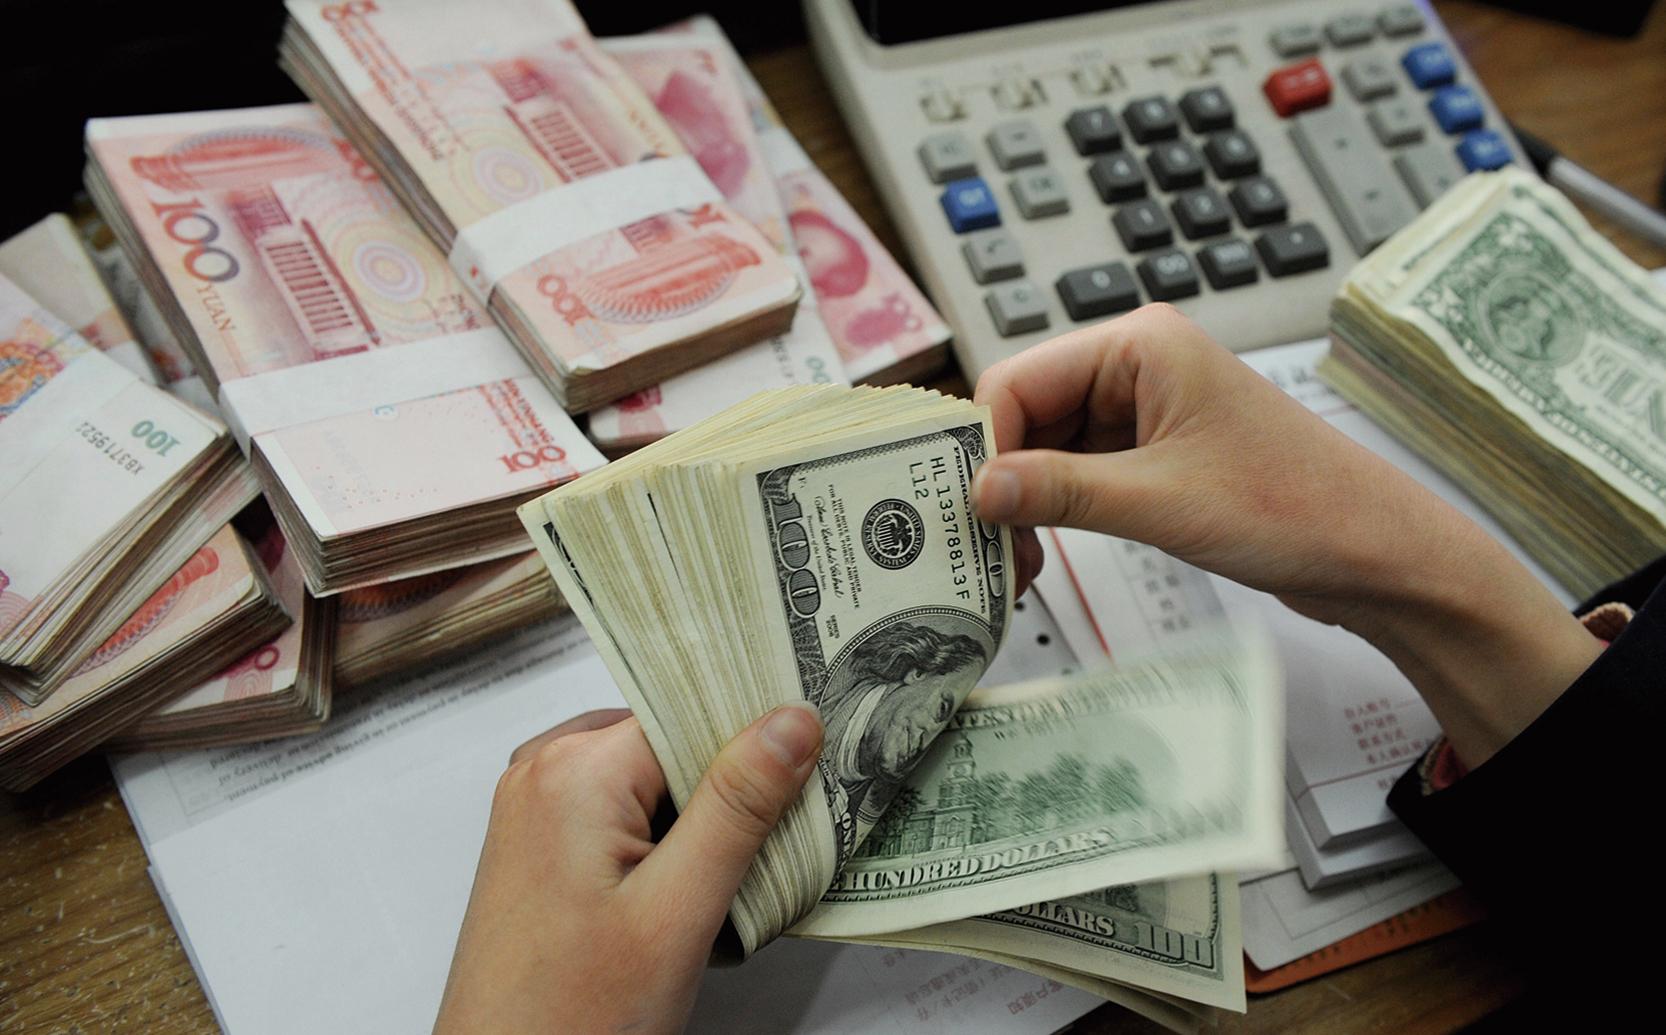 5月以來,人民幣匯率走勢基本以貶為主,人民幣對美元中間價29日報7.1316,再創2008年新低。(Getty Images)